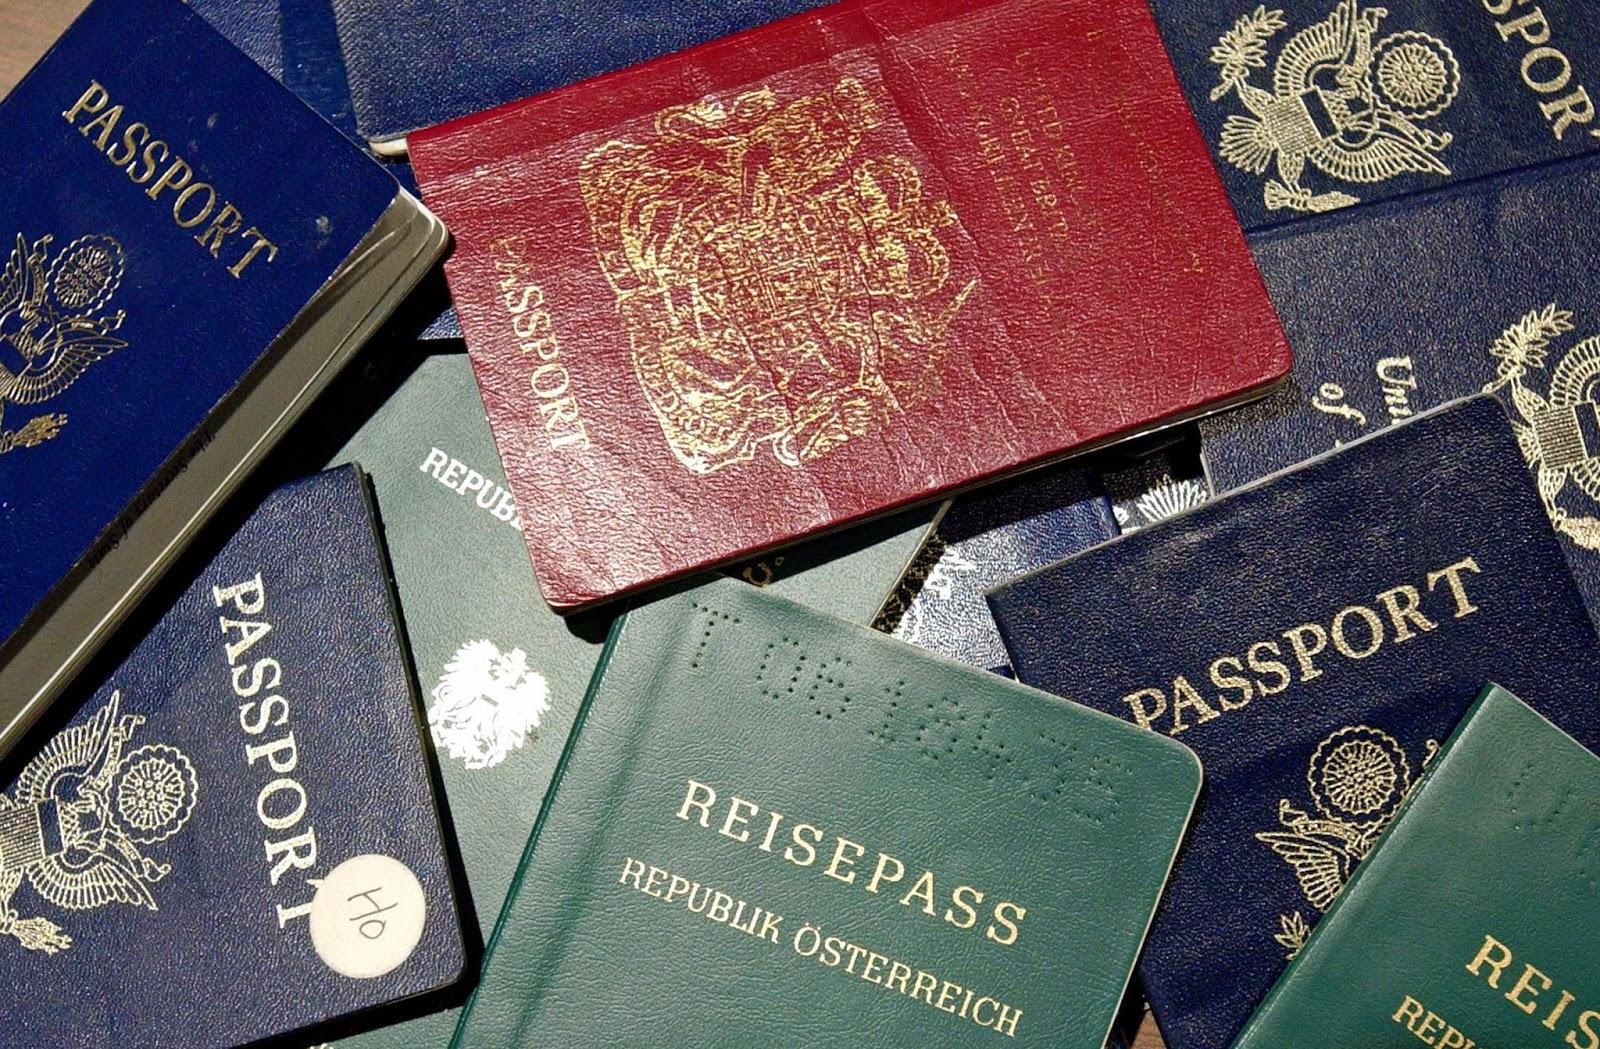 Saznajte koji pasoš je najbolje imati i sa kojim pasošem putujete u najviše zemalja